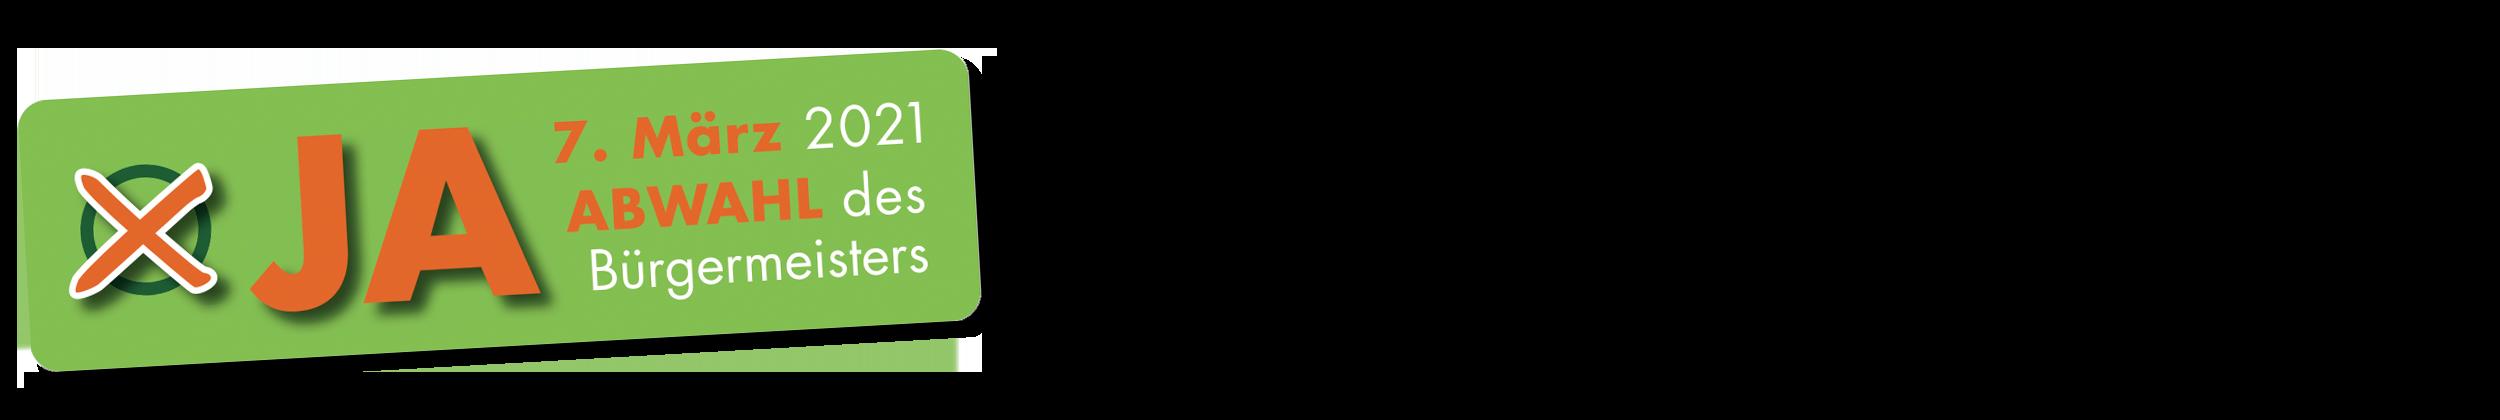 JAzuKW